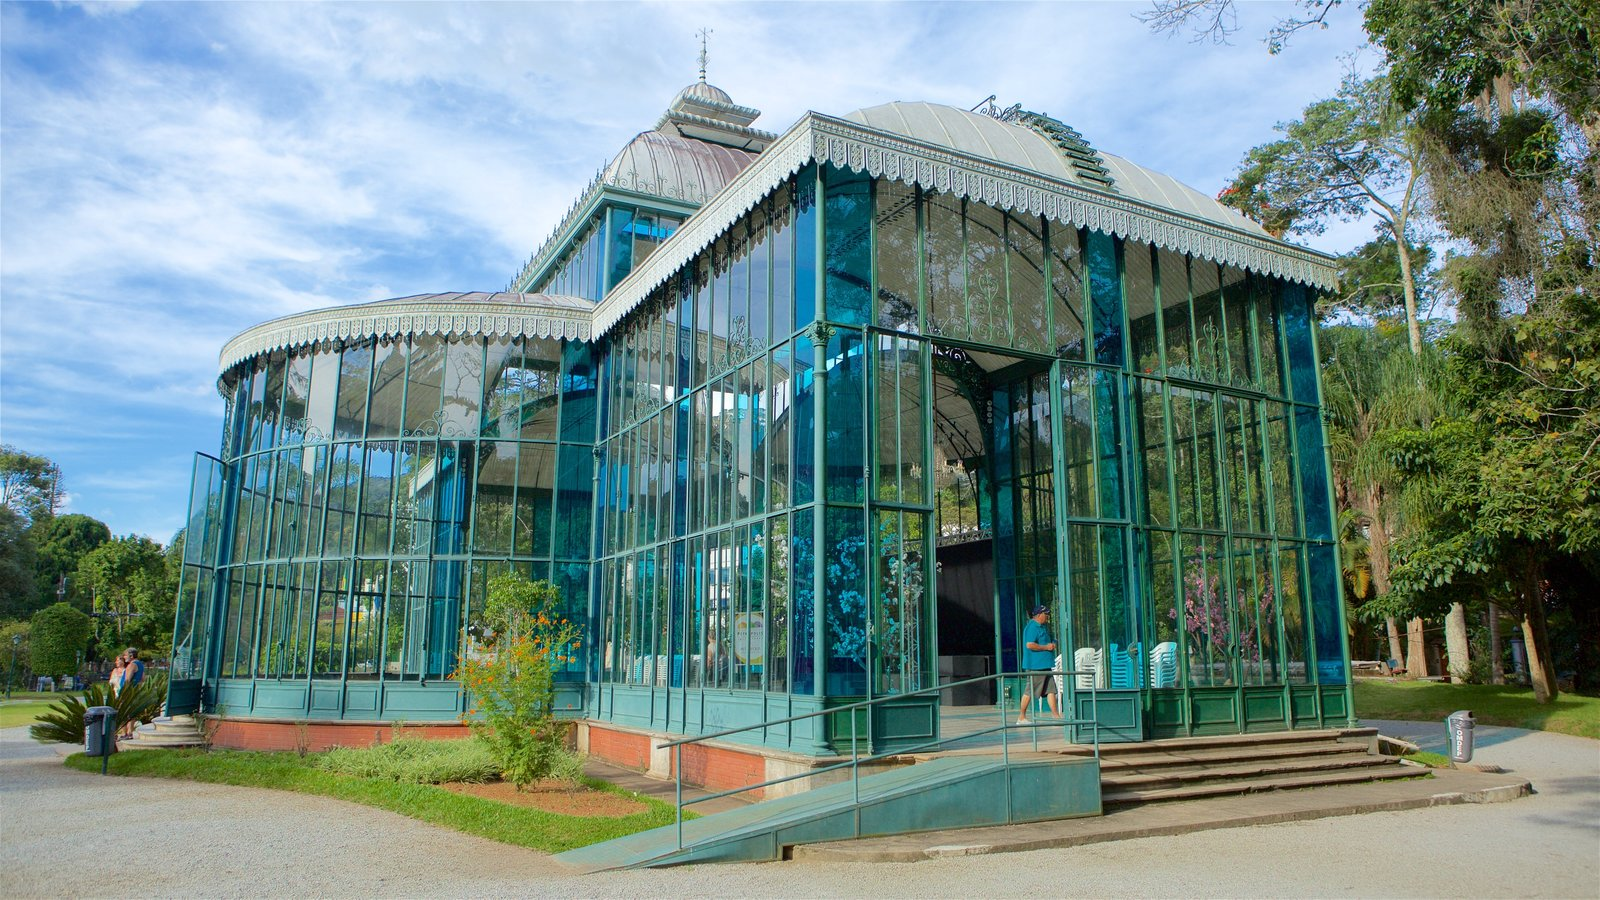 Palácio de Cristal caracterizando arquitetura moderna e um jardim